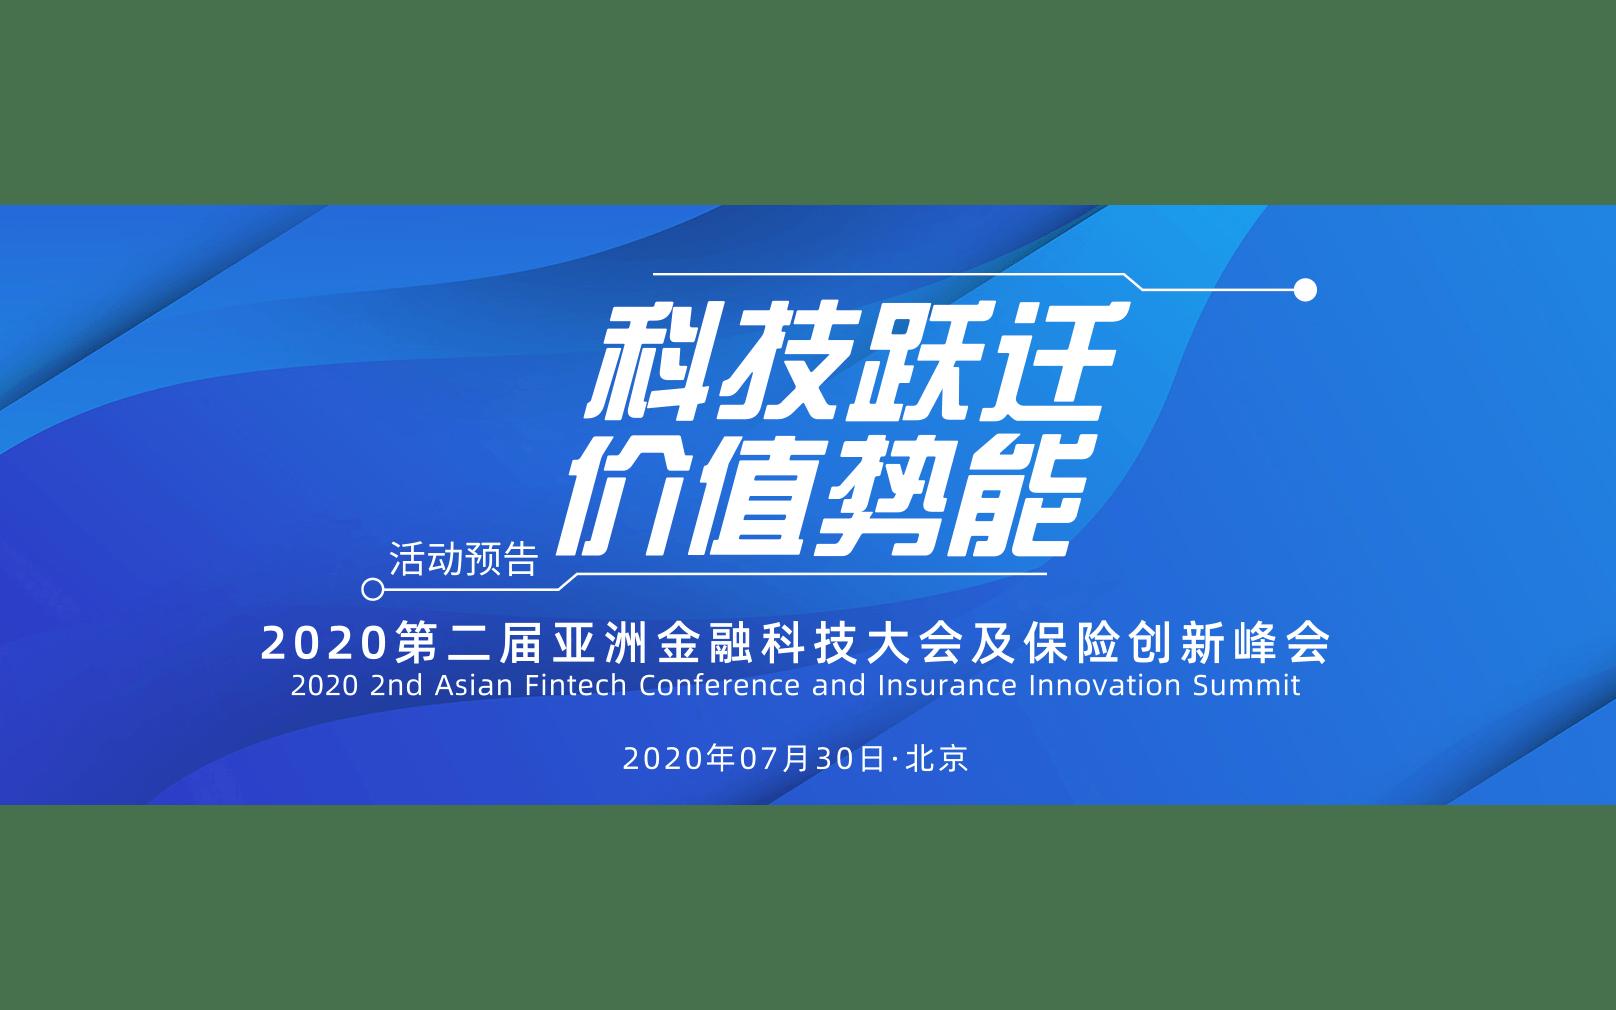 2020亚洲金融科技大会暨保险创新峰会(北京)